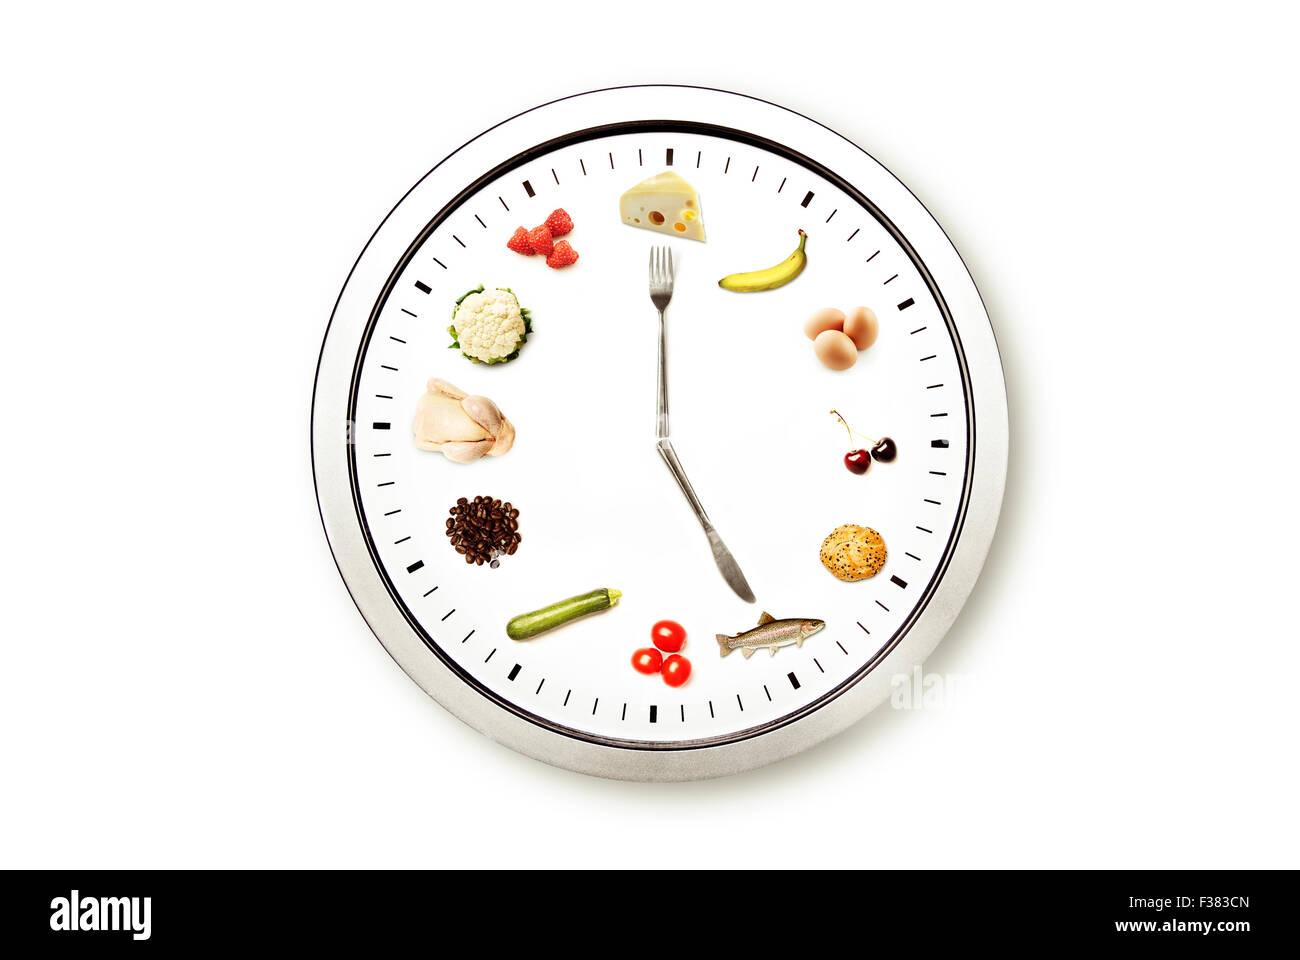 Zeit für Essen, Konzeptbild für Diät und Ernährung Stockbild